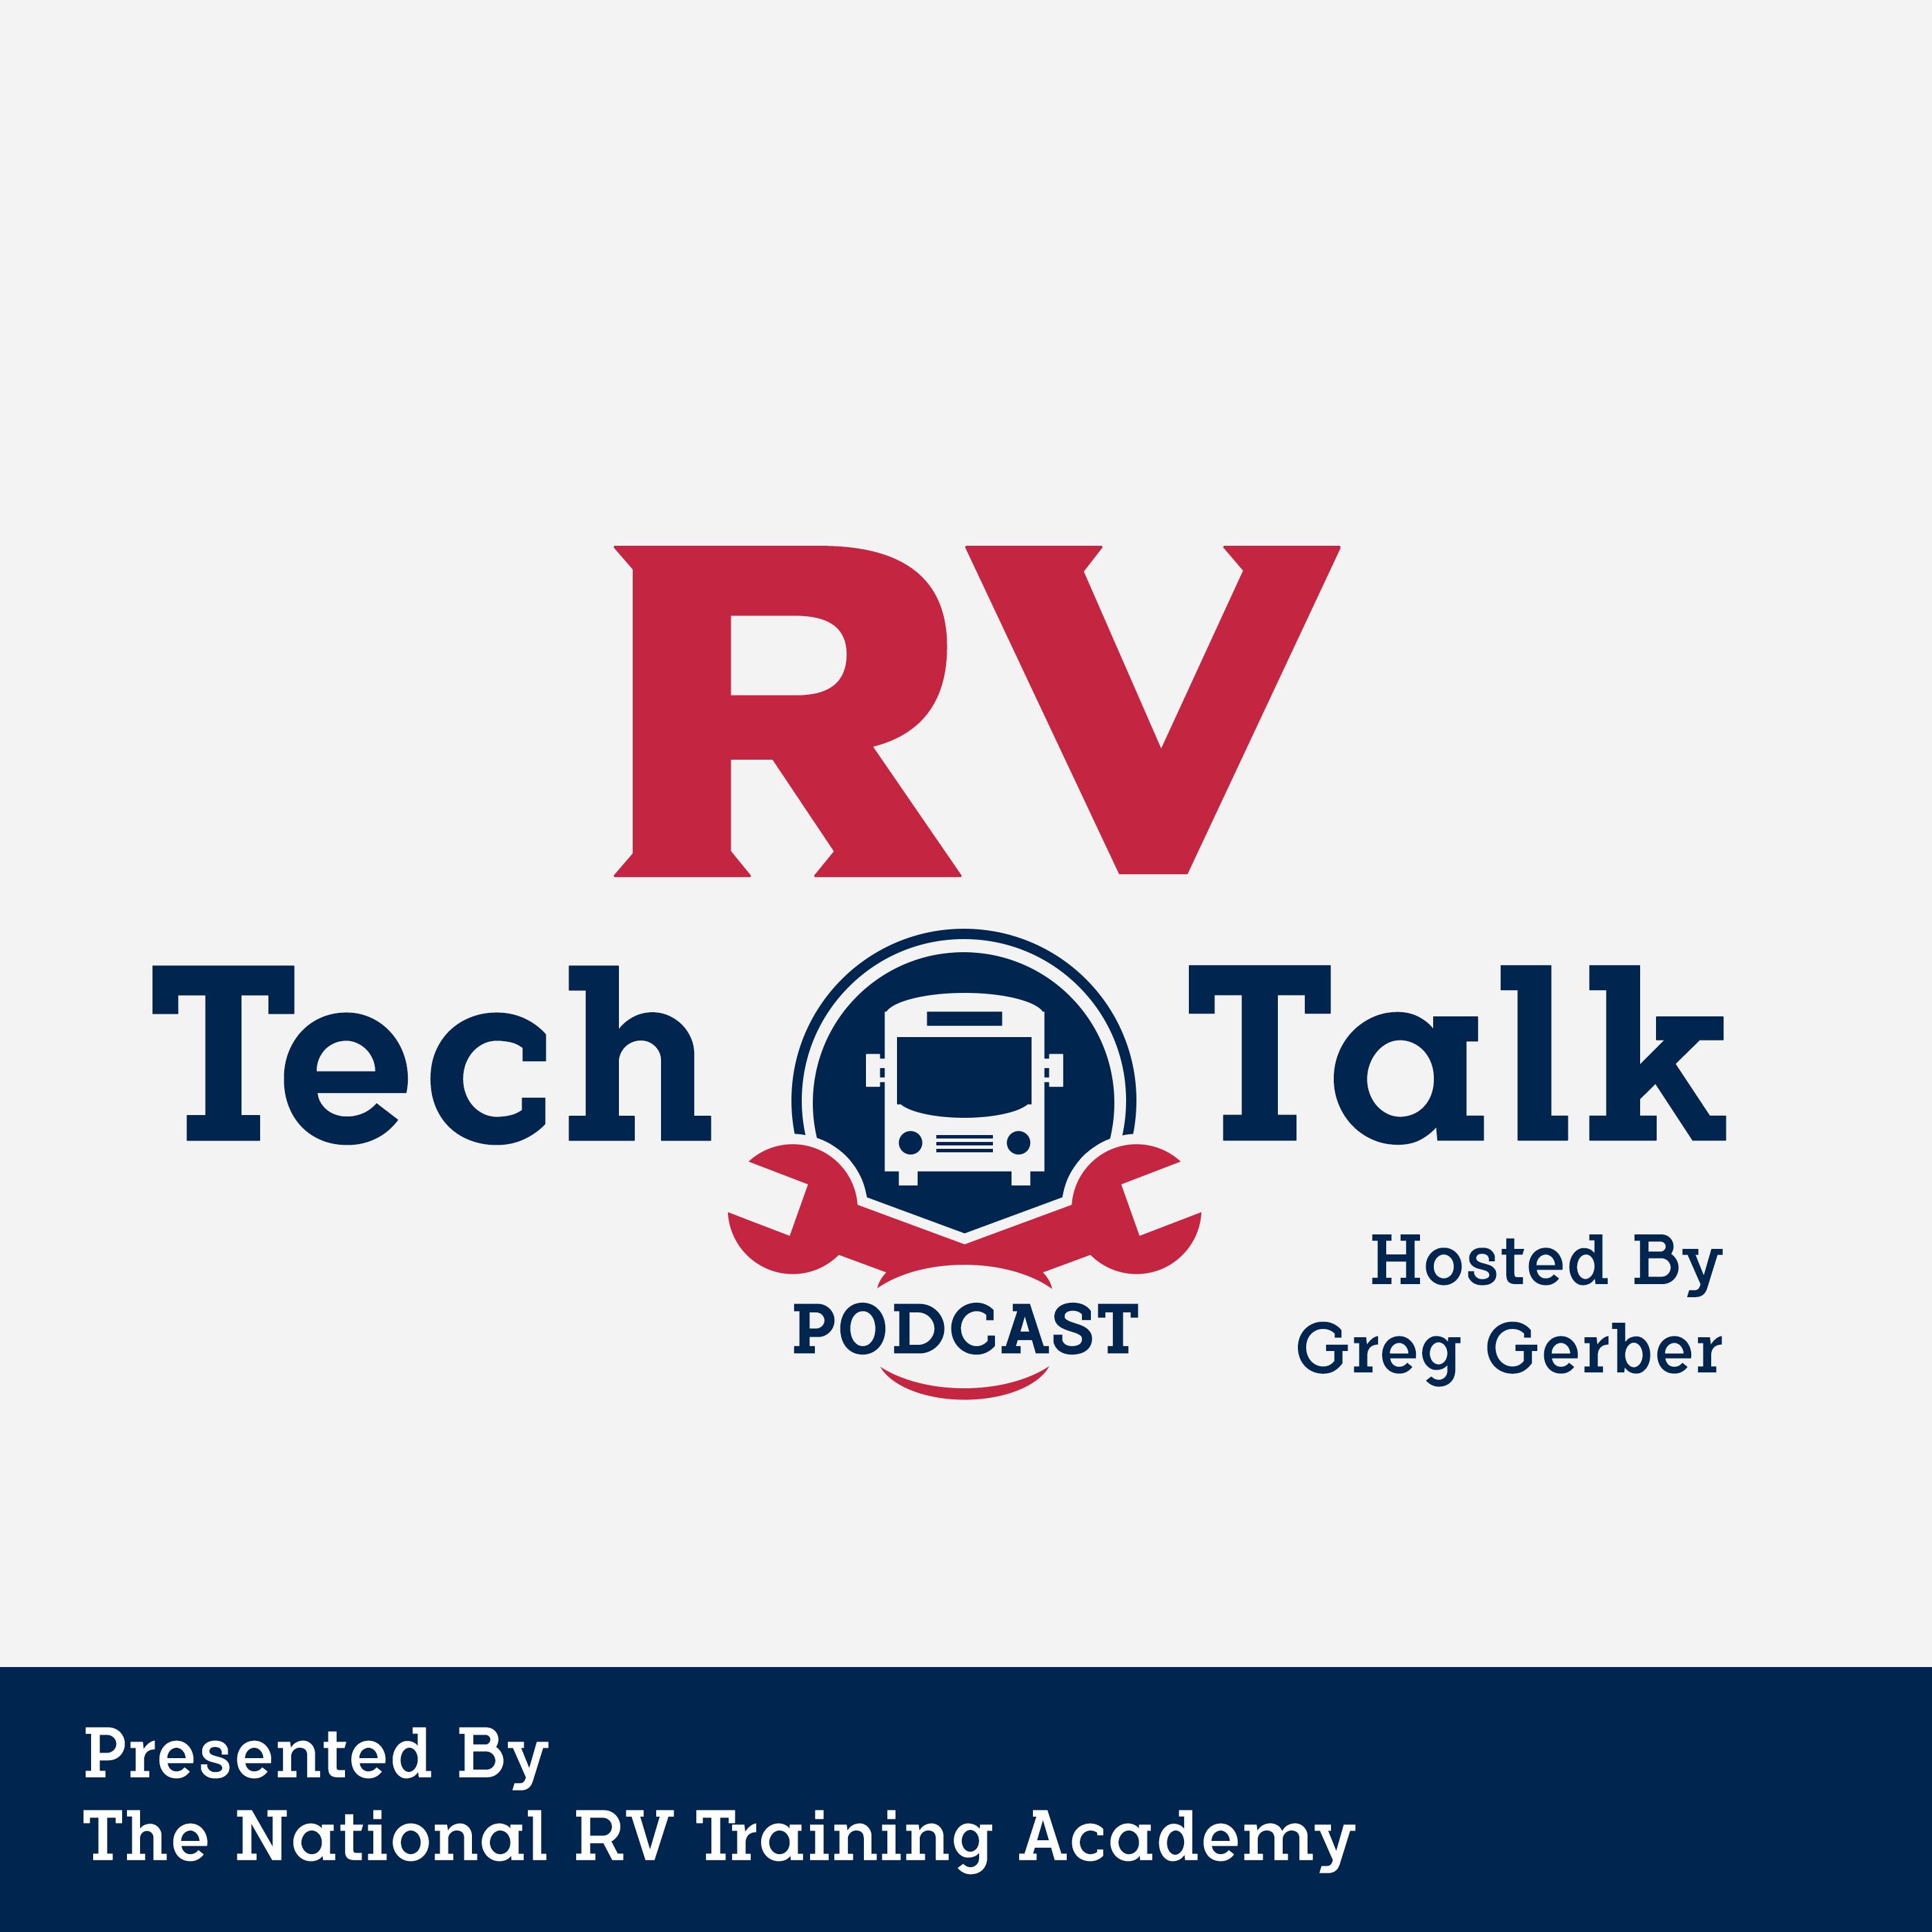 RV Tech Talk